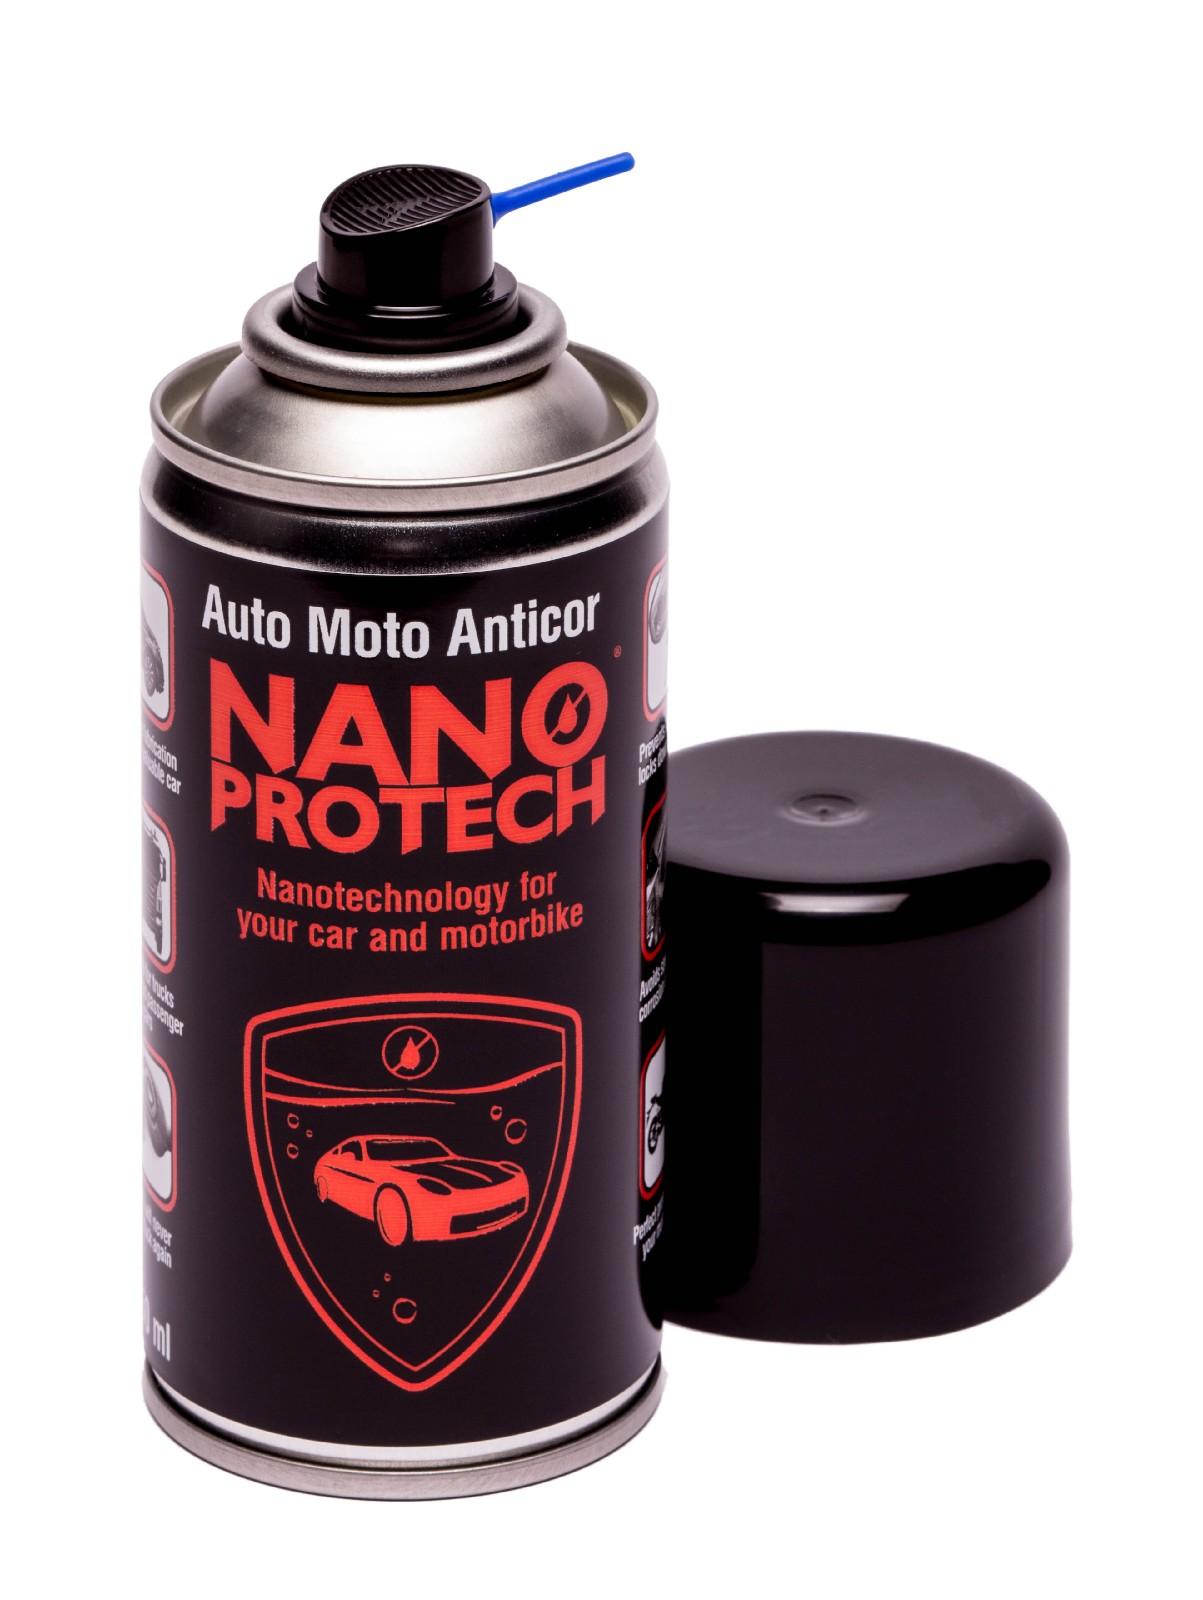 Moto Anticor Antikorozní a mazací sprej 75 ml - Velikost: 75 ml